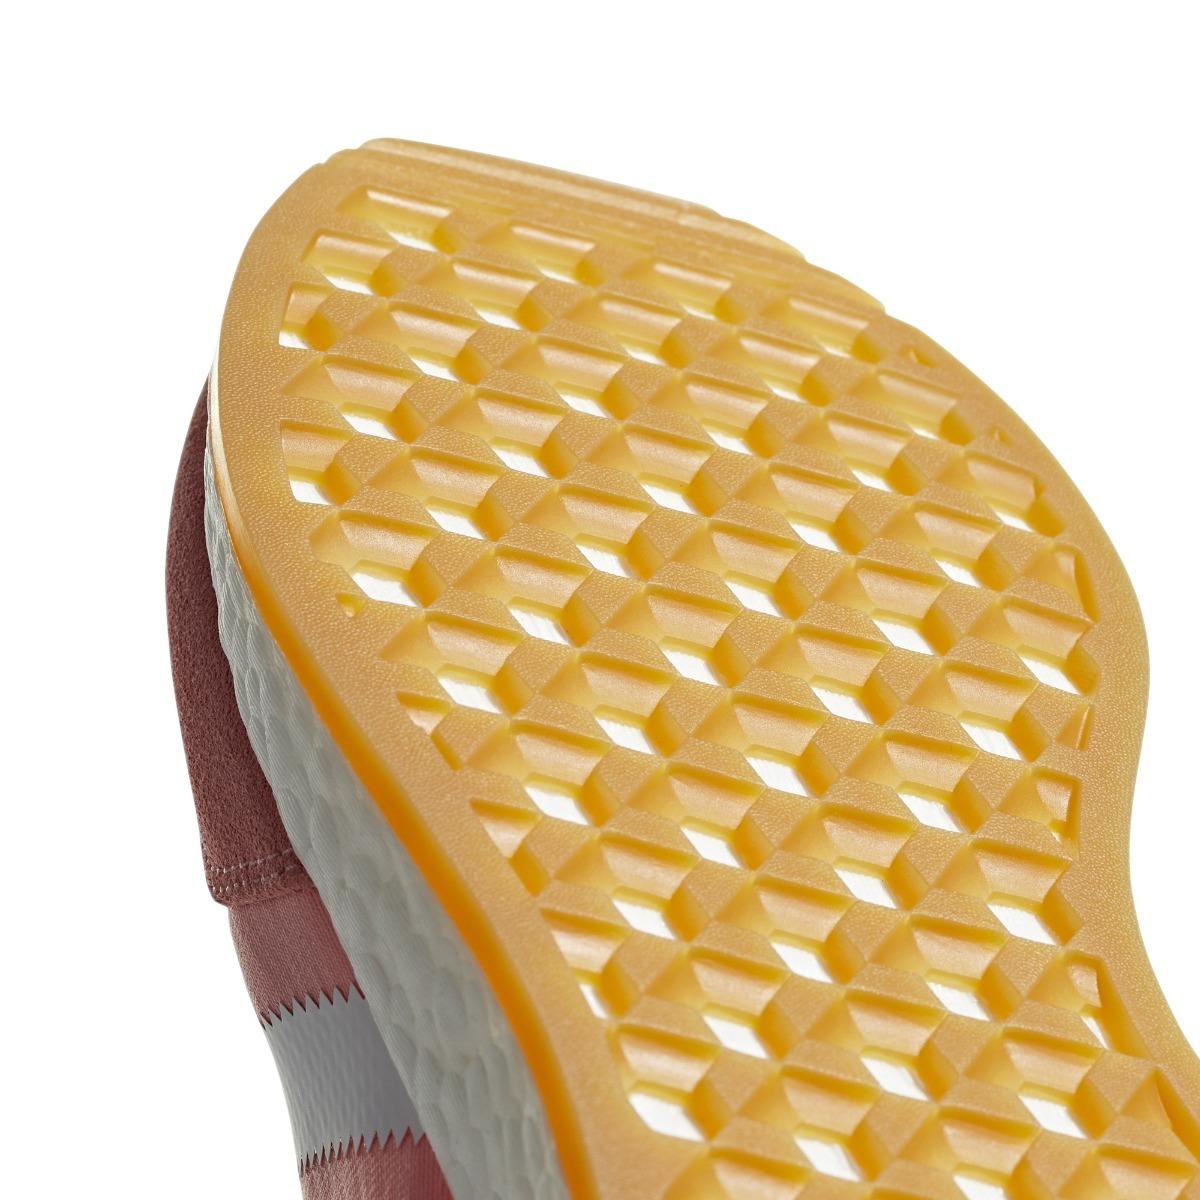 ec1bc629 Championes adidas Dama I-5923 B37971 - Zooko - $ 4.990,00 en Mercado ...